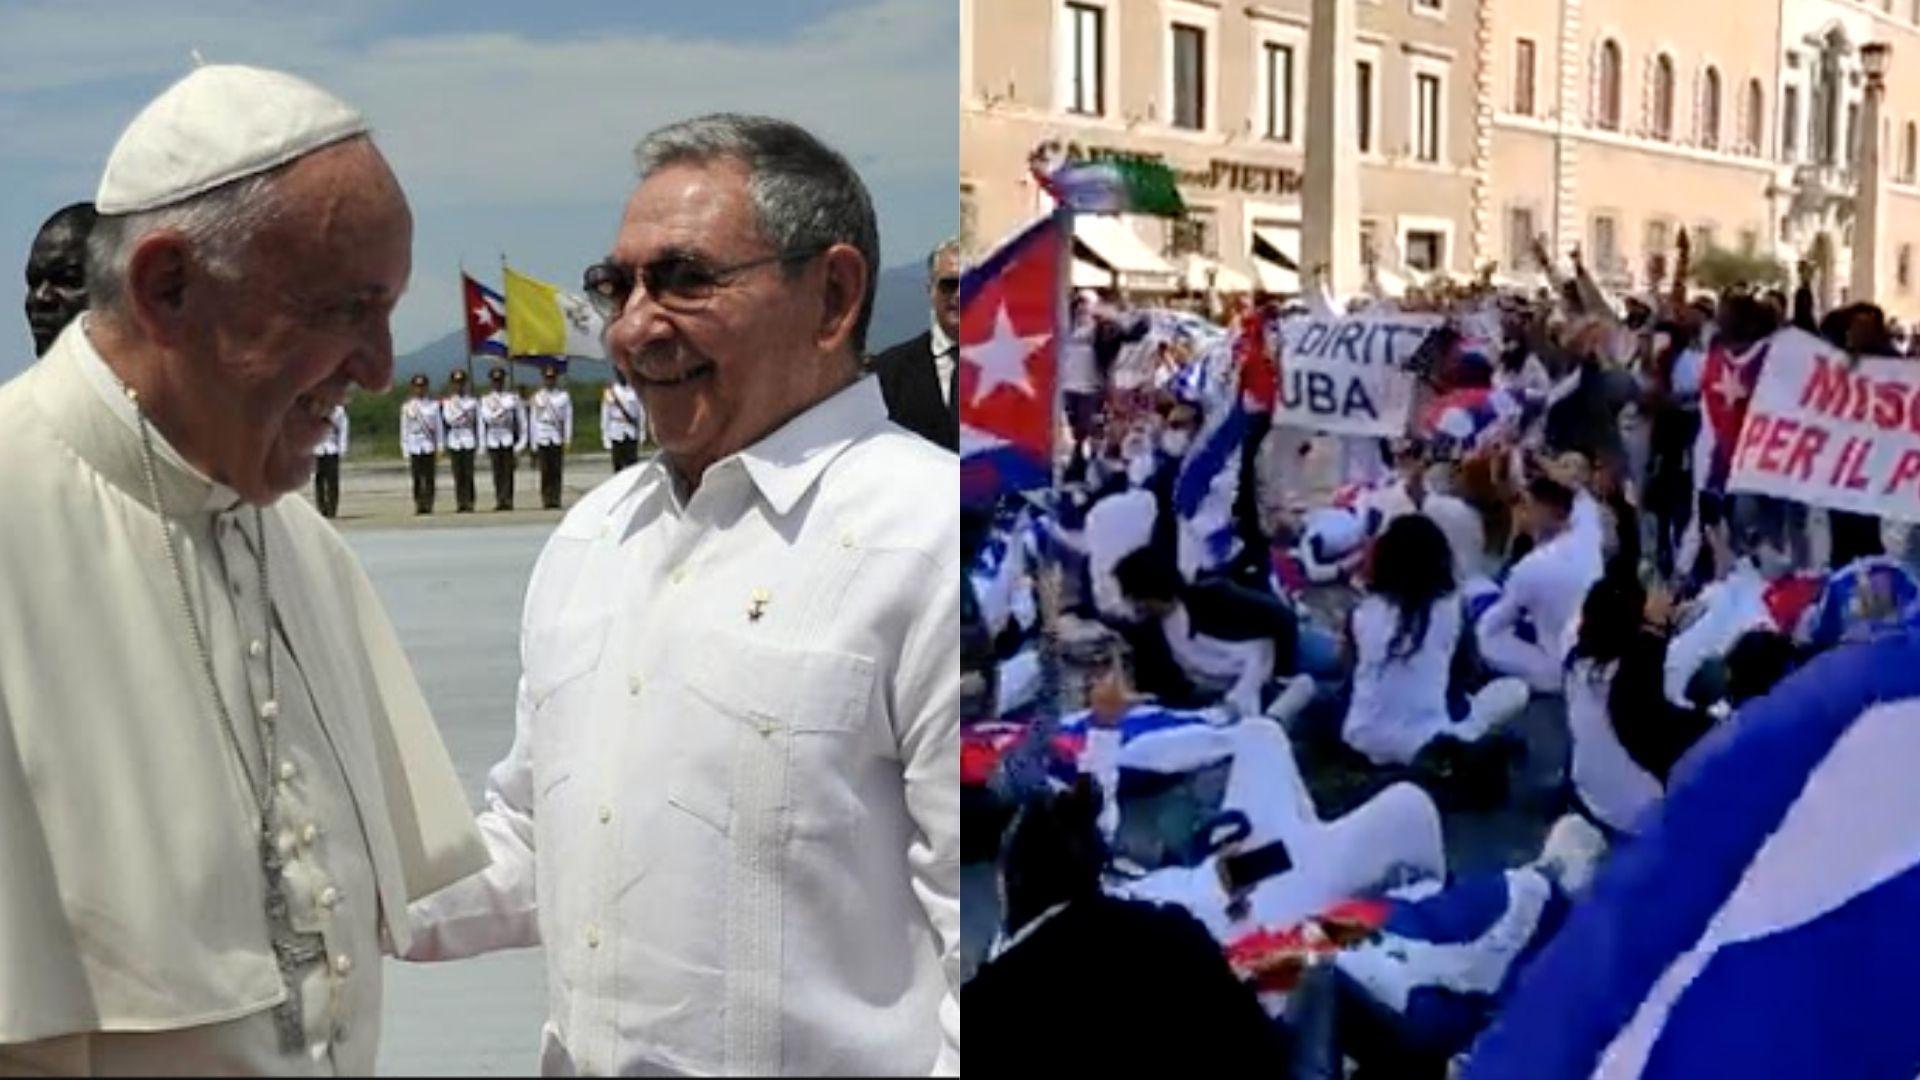 el papa francisco le da la espalda a los cubanos que clamaron libertad frente al vaticano